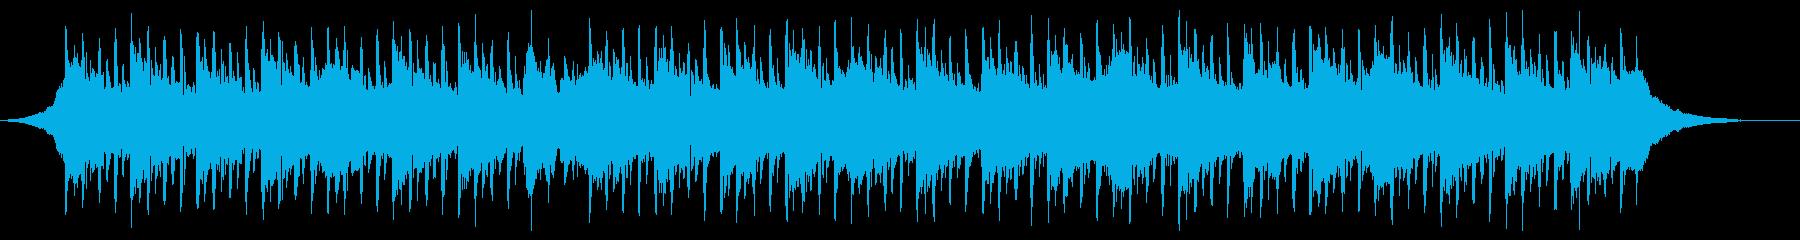 これは医療用(60秒)の再生済みの波形